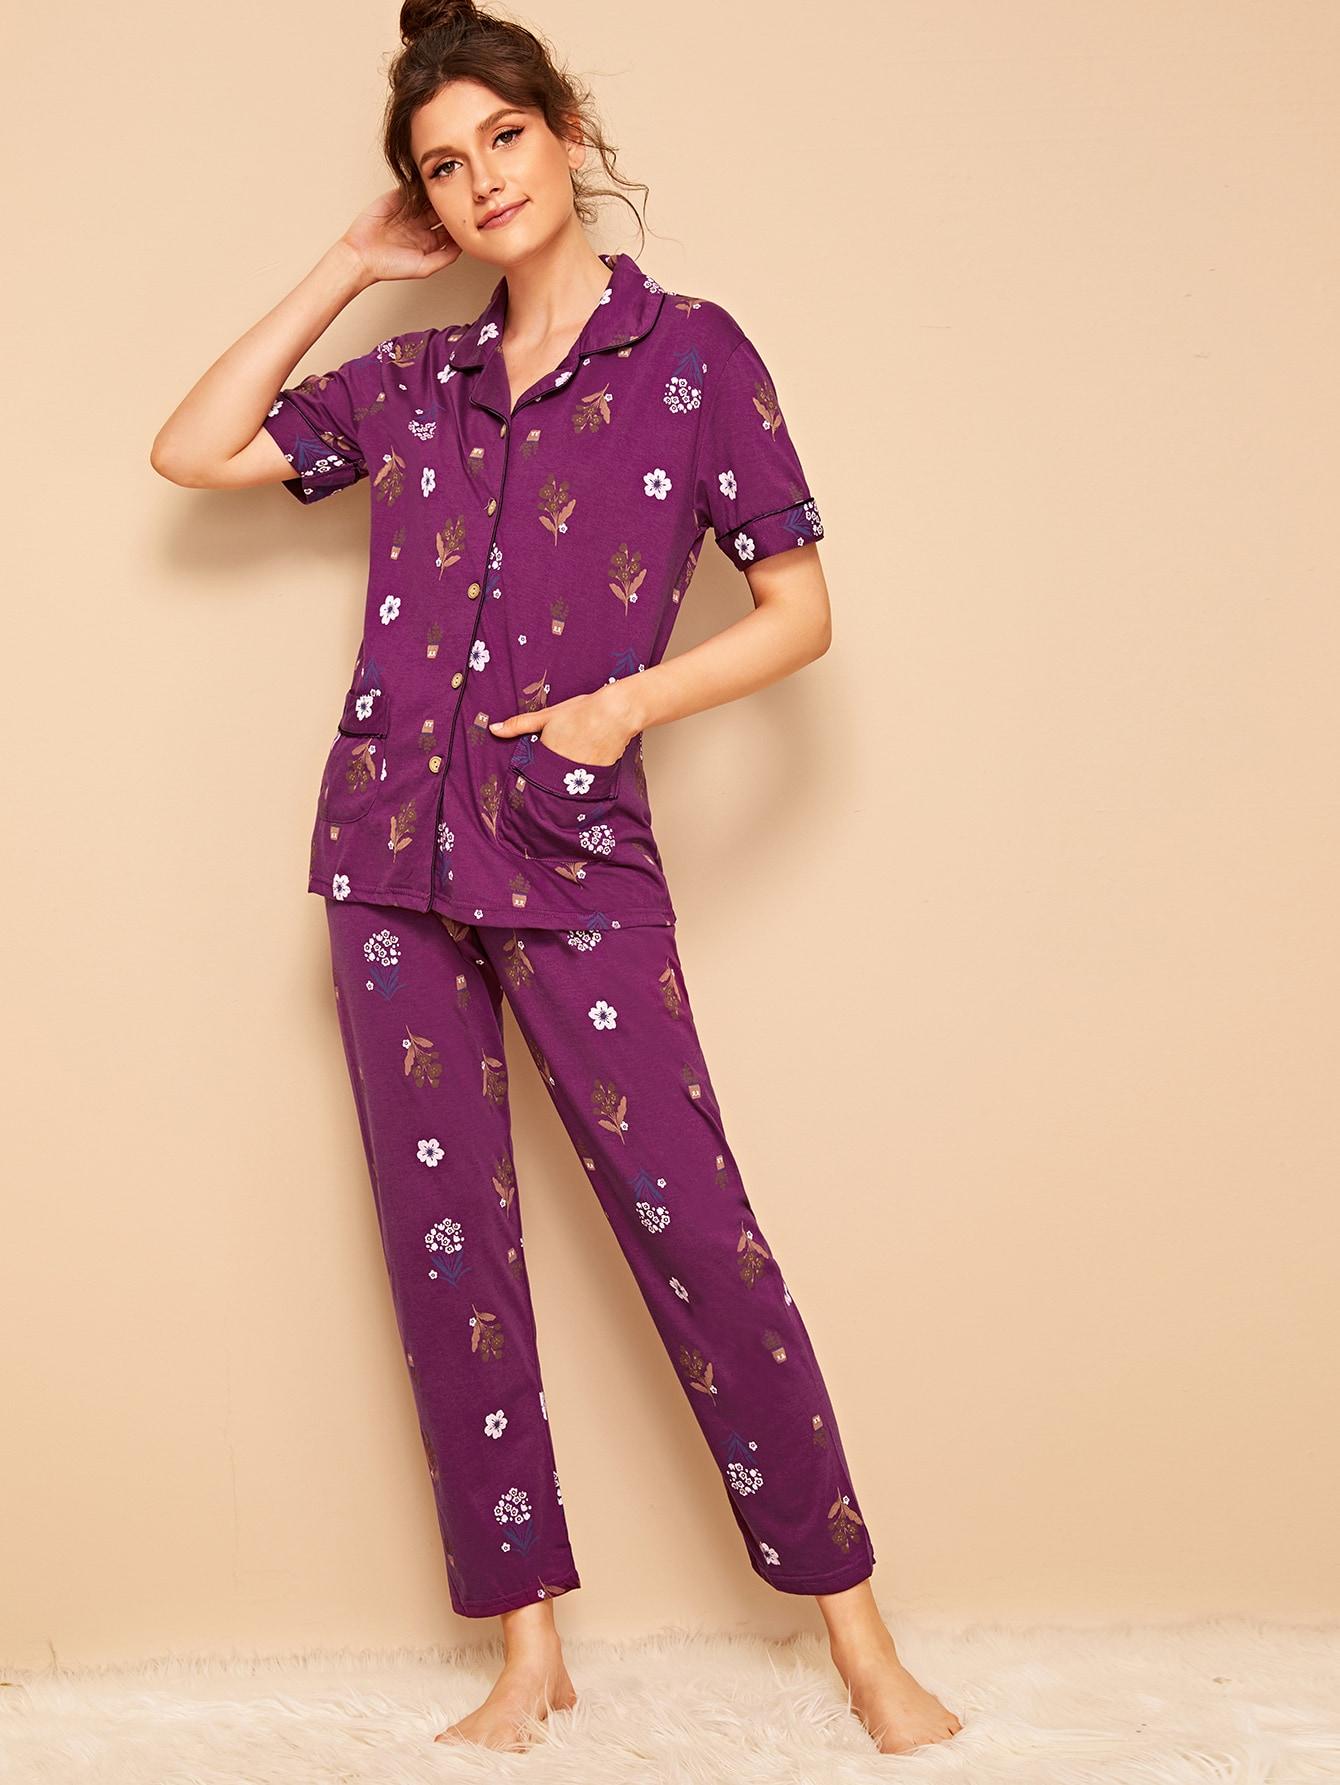 Фото - Пижамы на пуговицах с цвнточным принтом от SheIn цвет фиолетовые